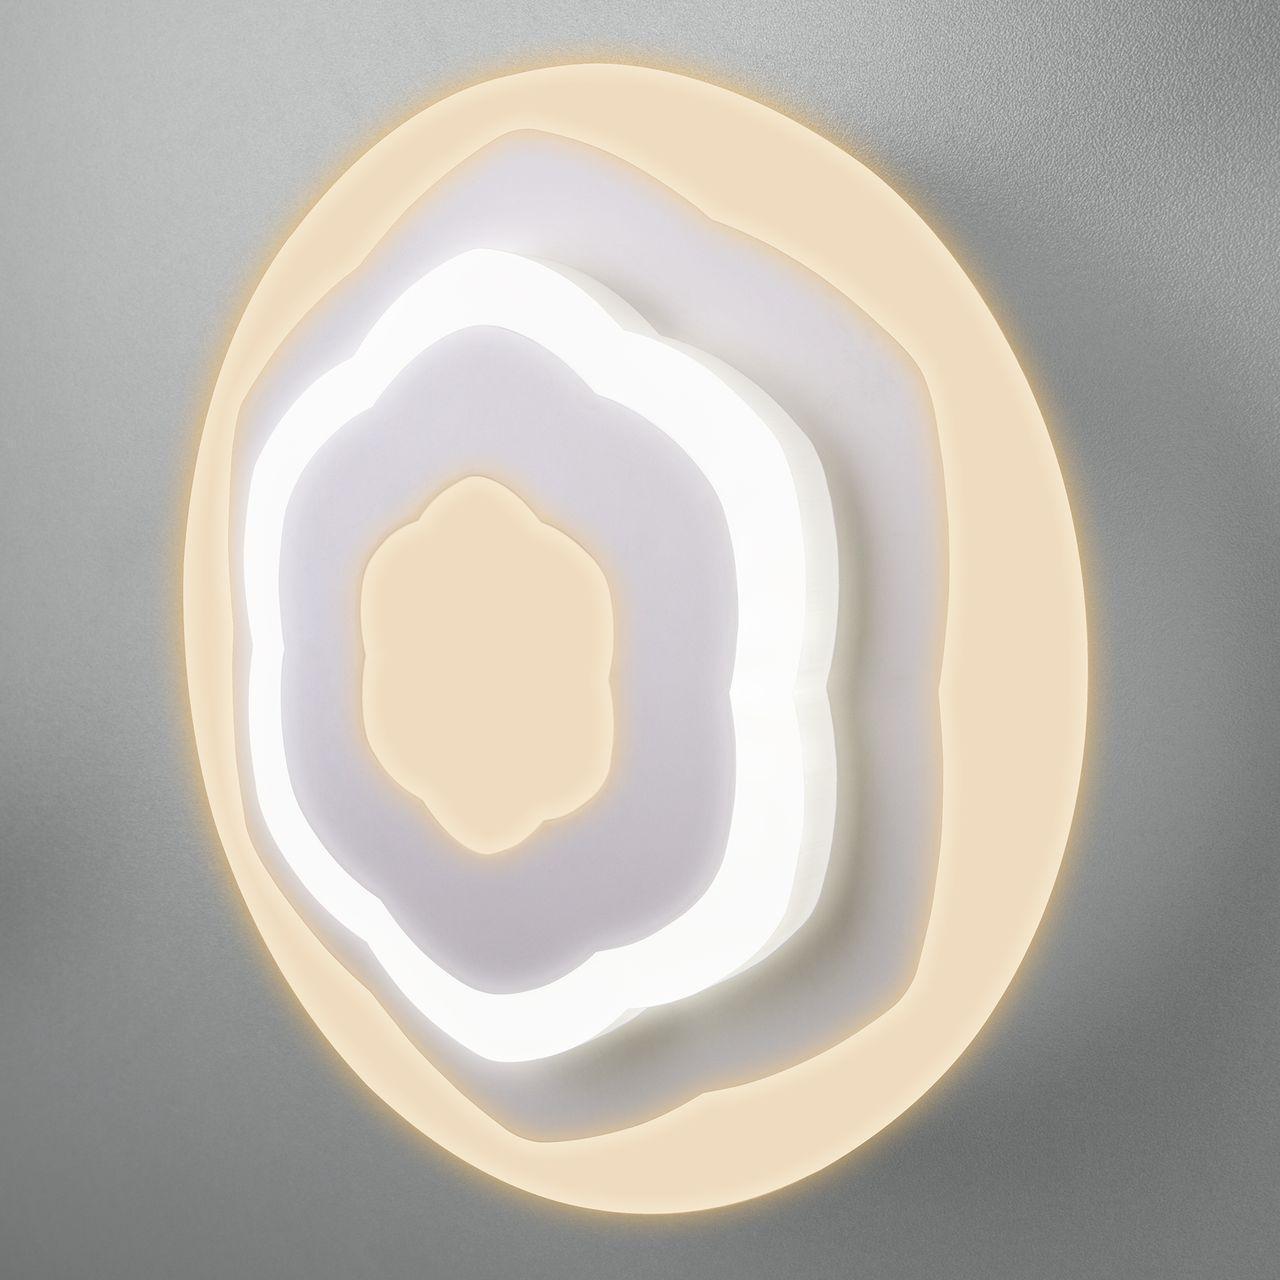 Настенный светильник EUROSVET 90117/2, LED, 16 Вт eurosvet los 366